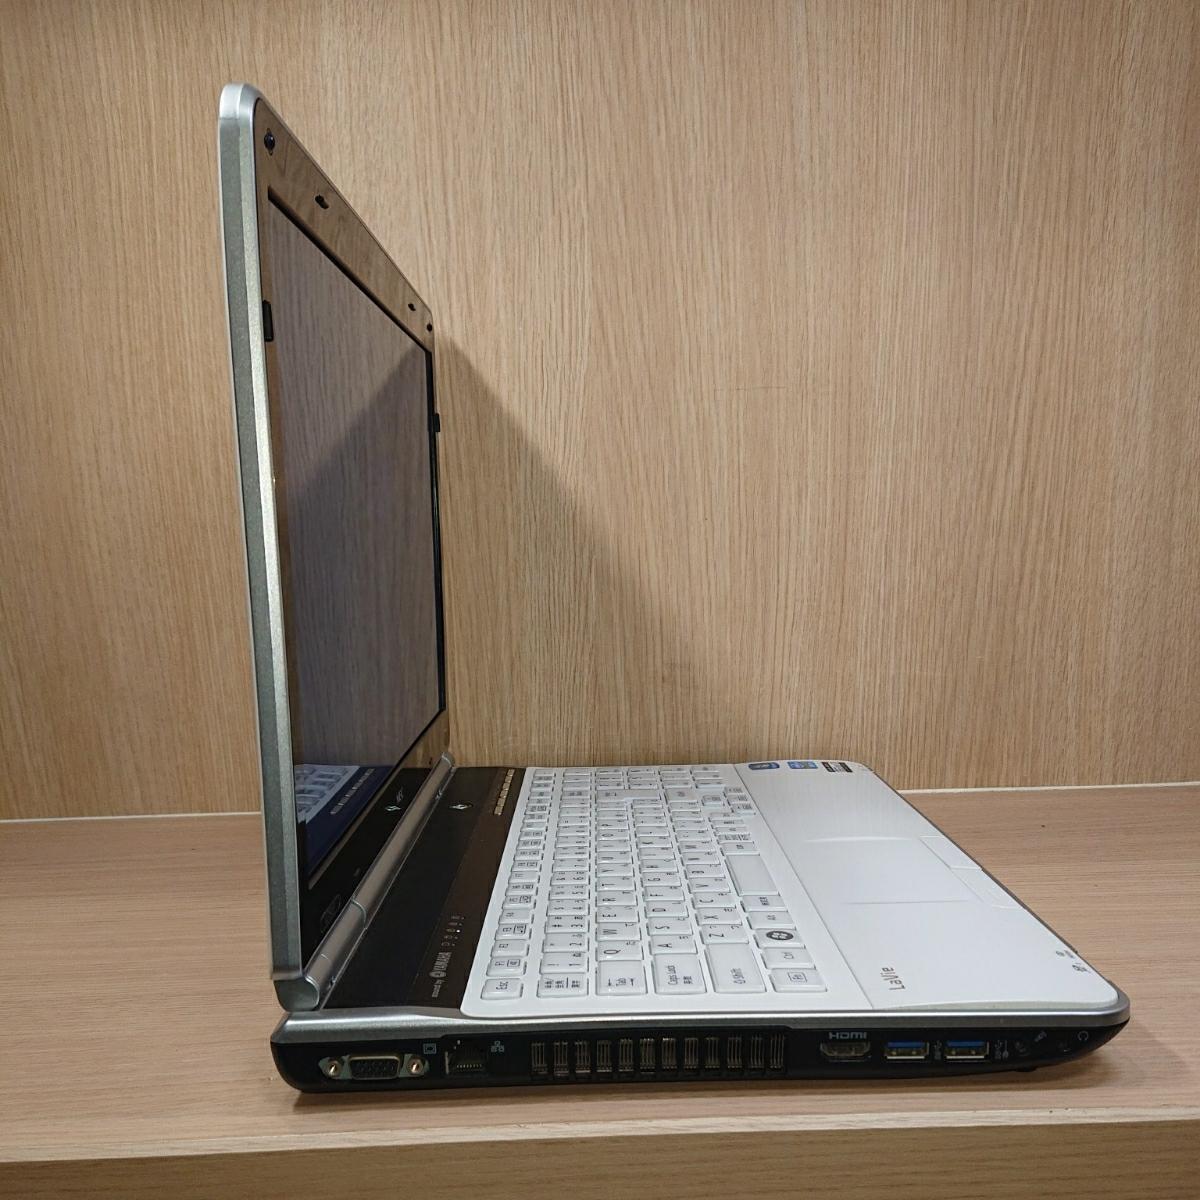 【B26】即決特典 爆速SSD240GB NEC LaVie LL750 ホワイト YAMAHAsound ノートパソコン core i7-2670QM メモリ8GB Windows10 Office2019 _画像6